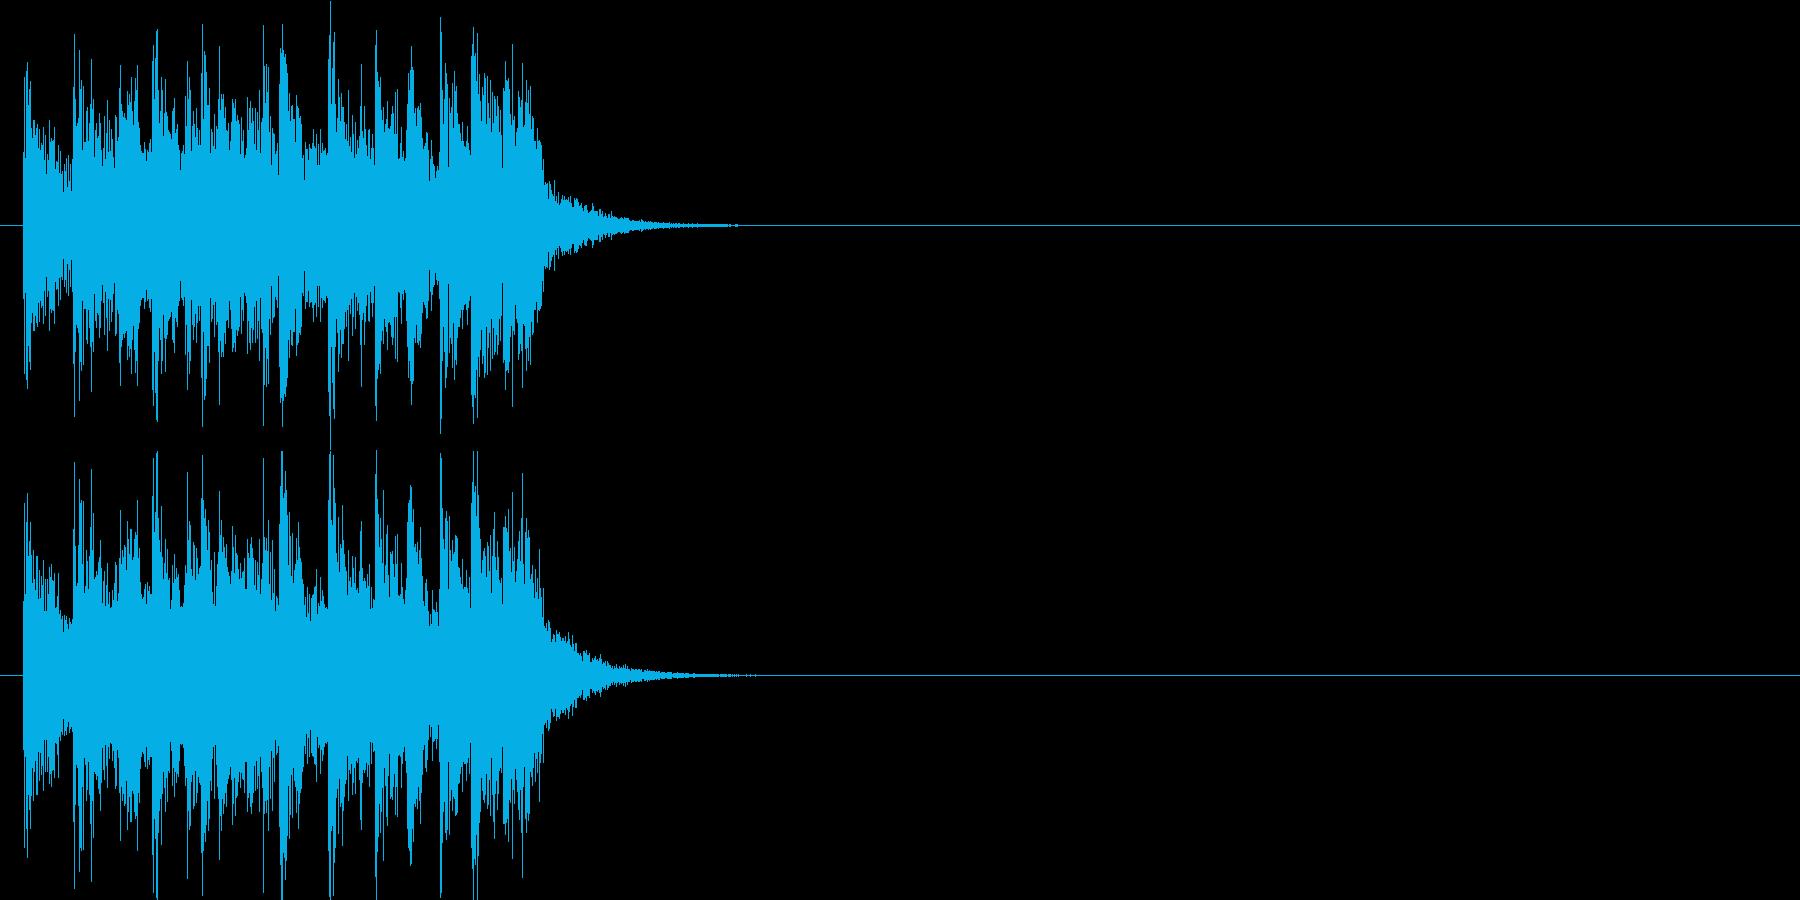 テーマ クイズ 場面転換 緊張 躍動の再生済みの波形